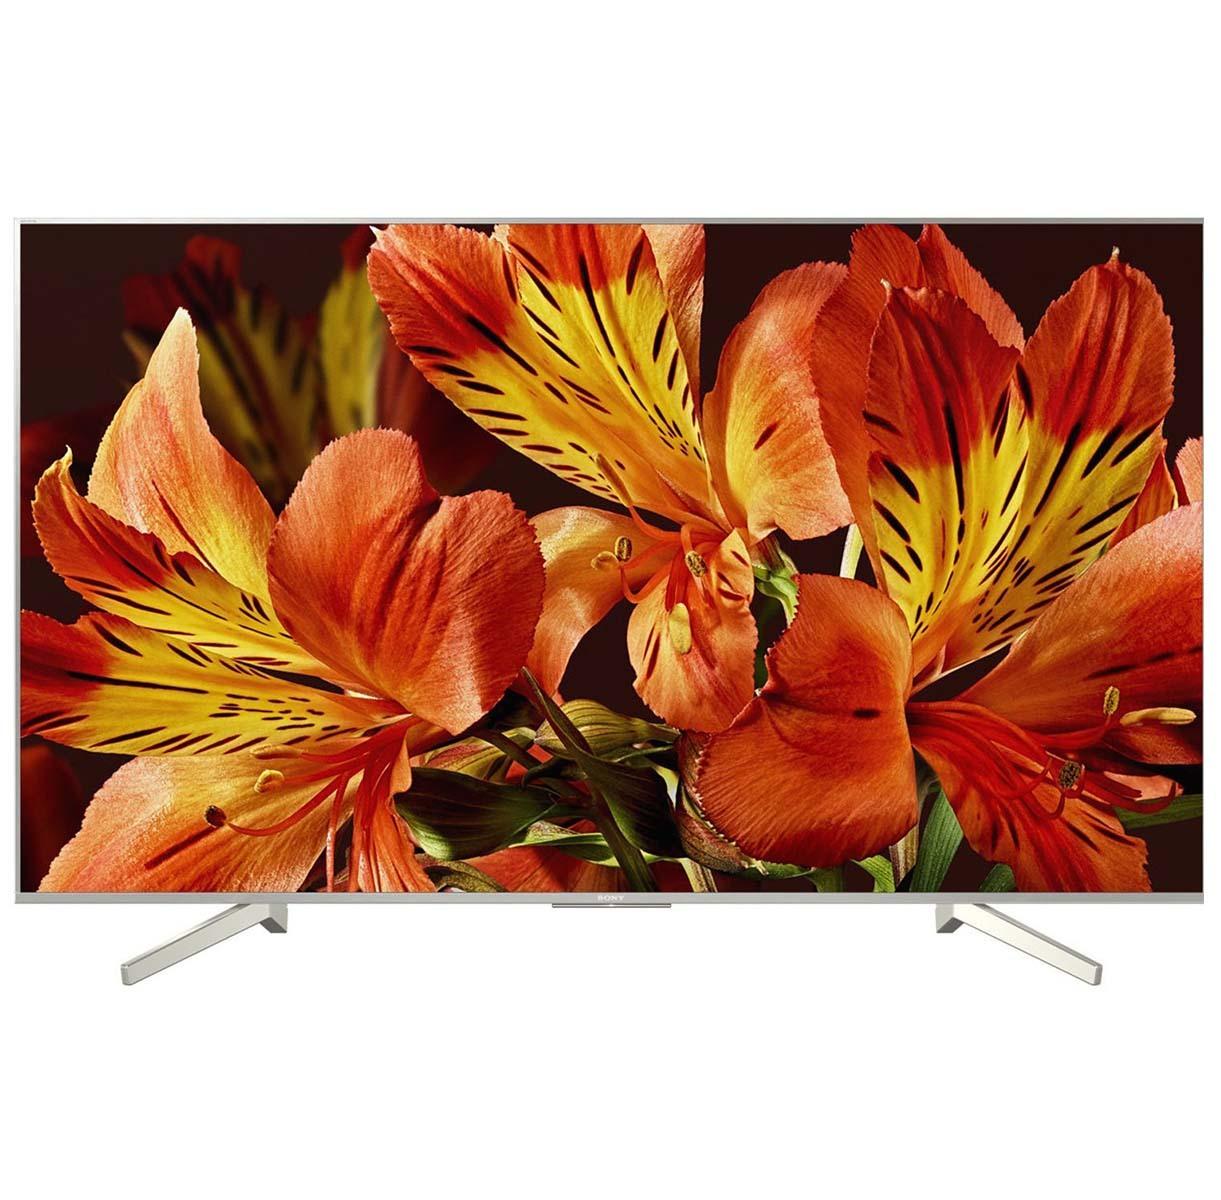 KD-49XF8577 телевизор Sony купить в Sony Centre Воронеж